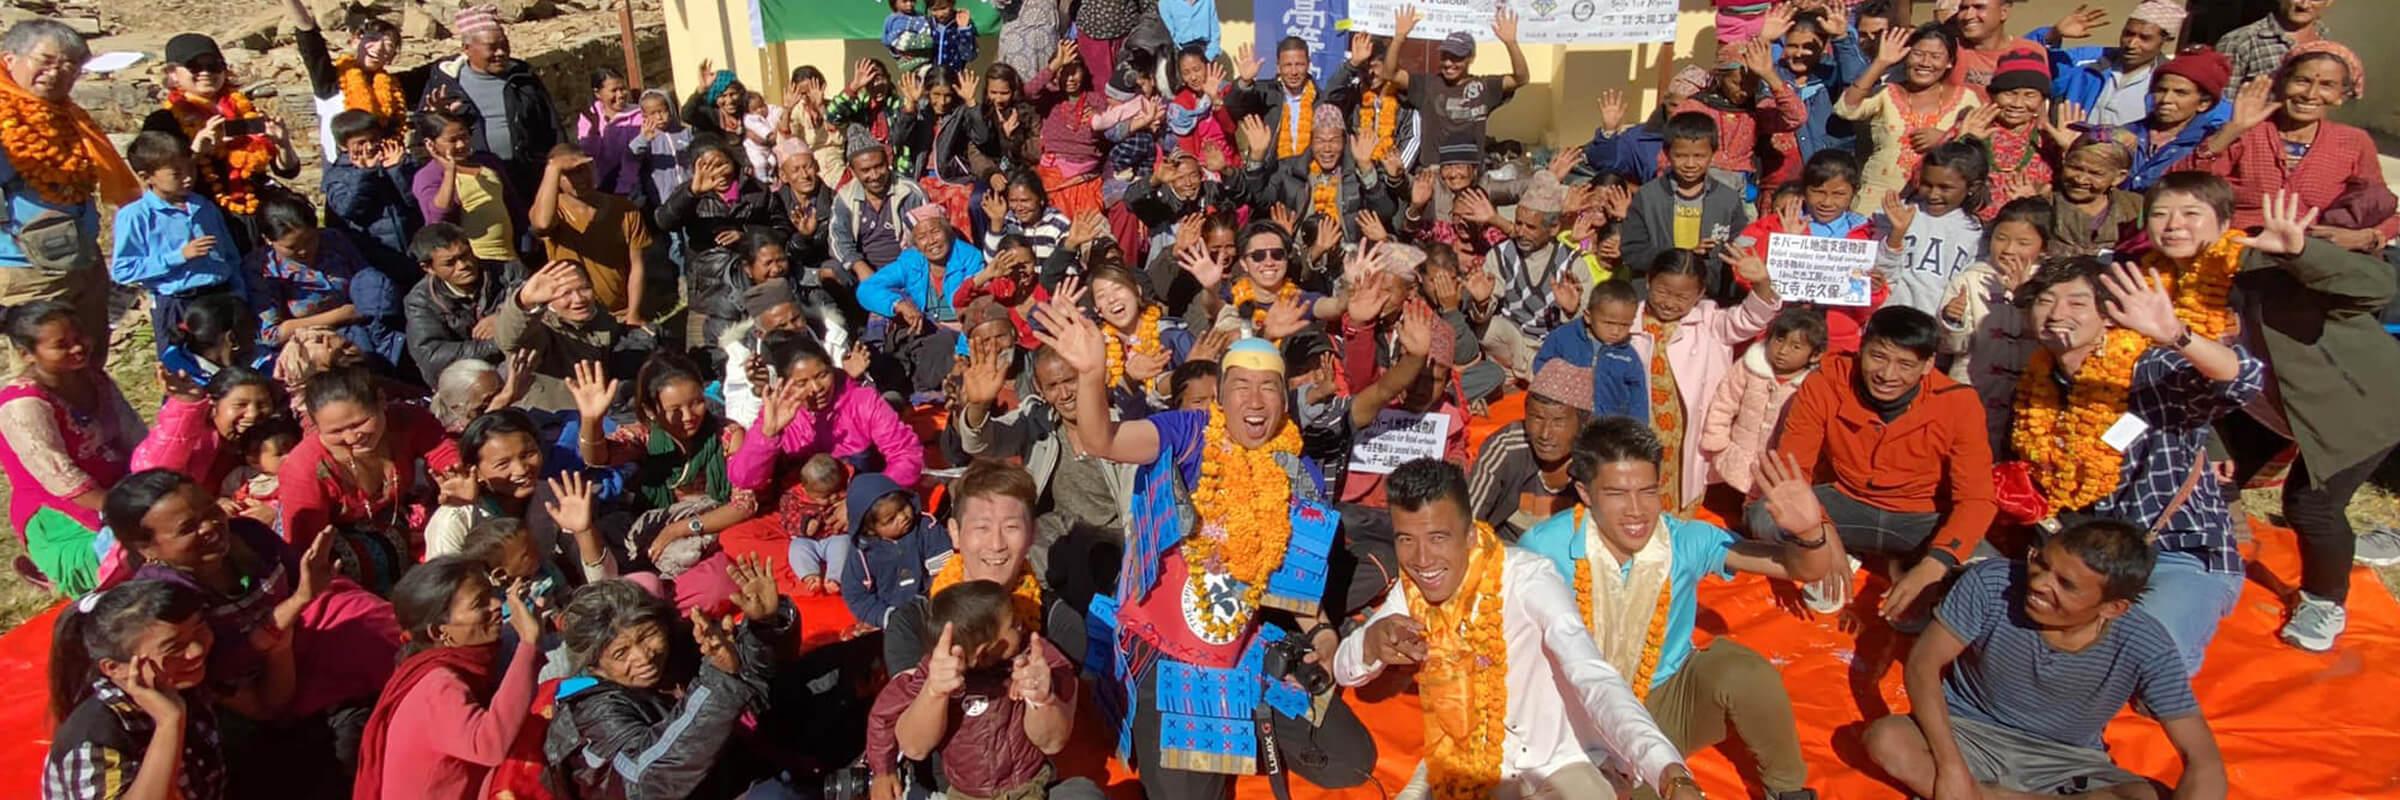 第六回クレヨンプロジェクト in ネパール #1 #2